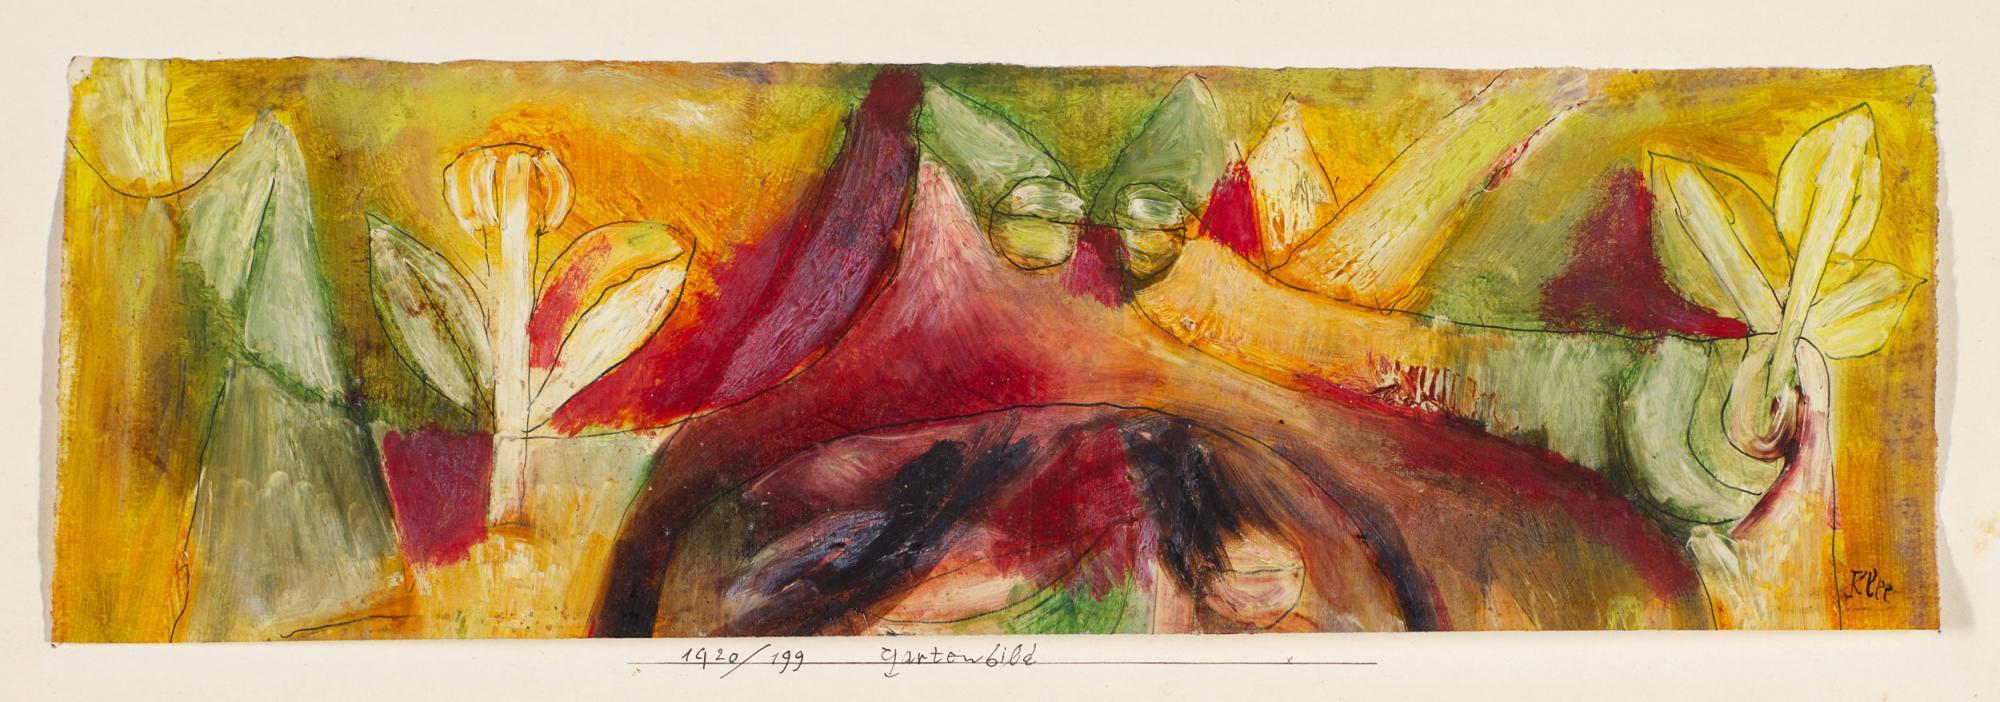 Lot-145,-Paul-Klee,-Gartenbild-(Picture-of-a-Garden),-est.jpg